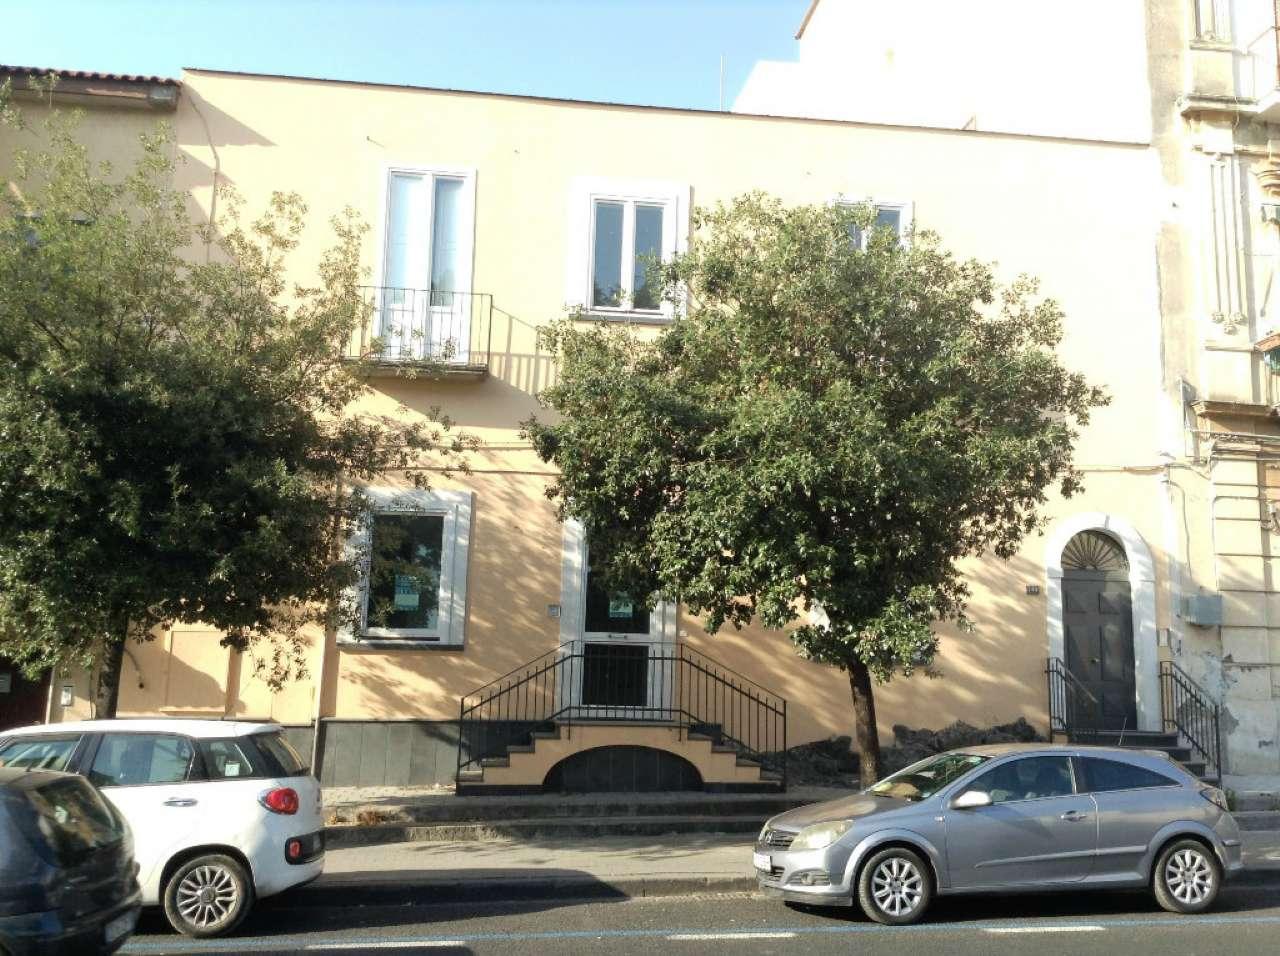 Ufficio / Studio in affitto a Torre del Greco, 1 locali, prezzo € 550 | Cambio Casa.it